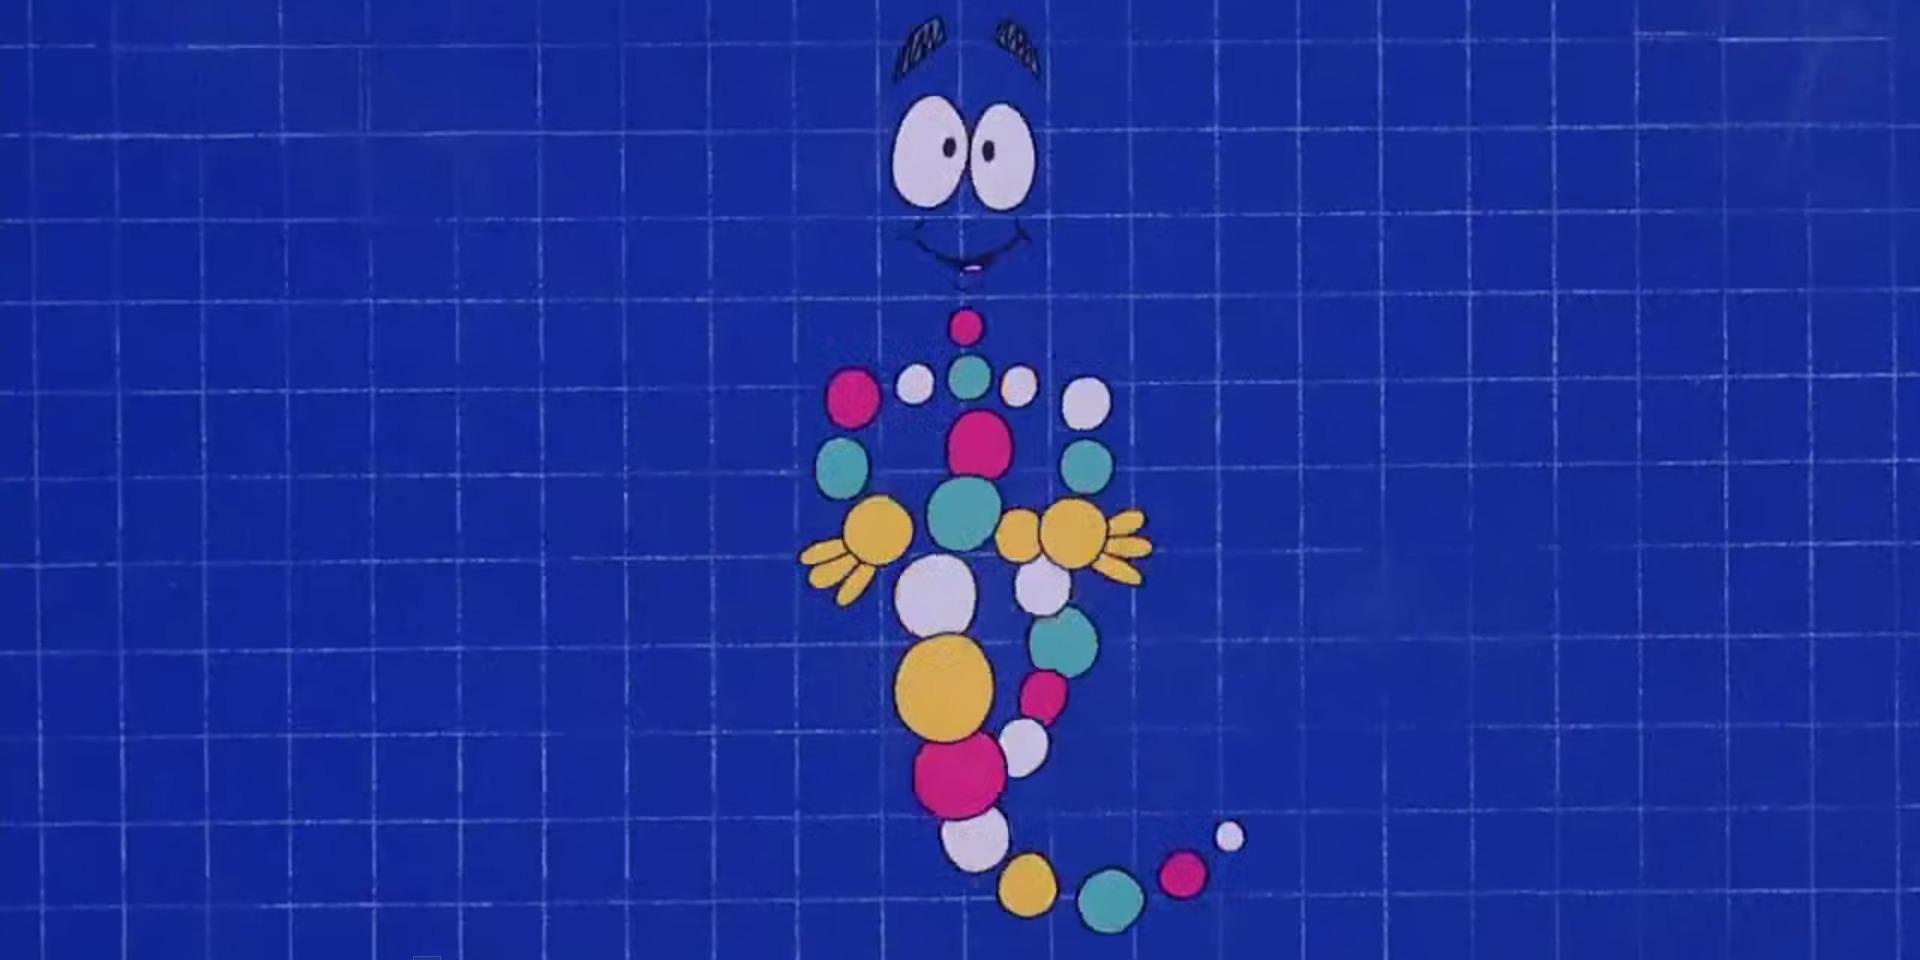 Mr. DNA